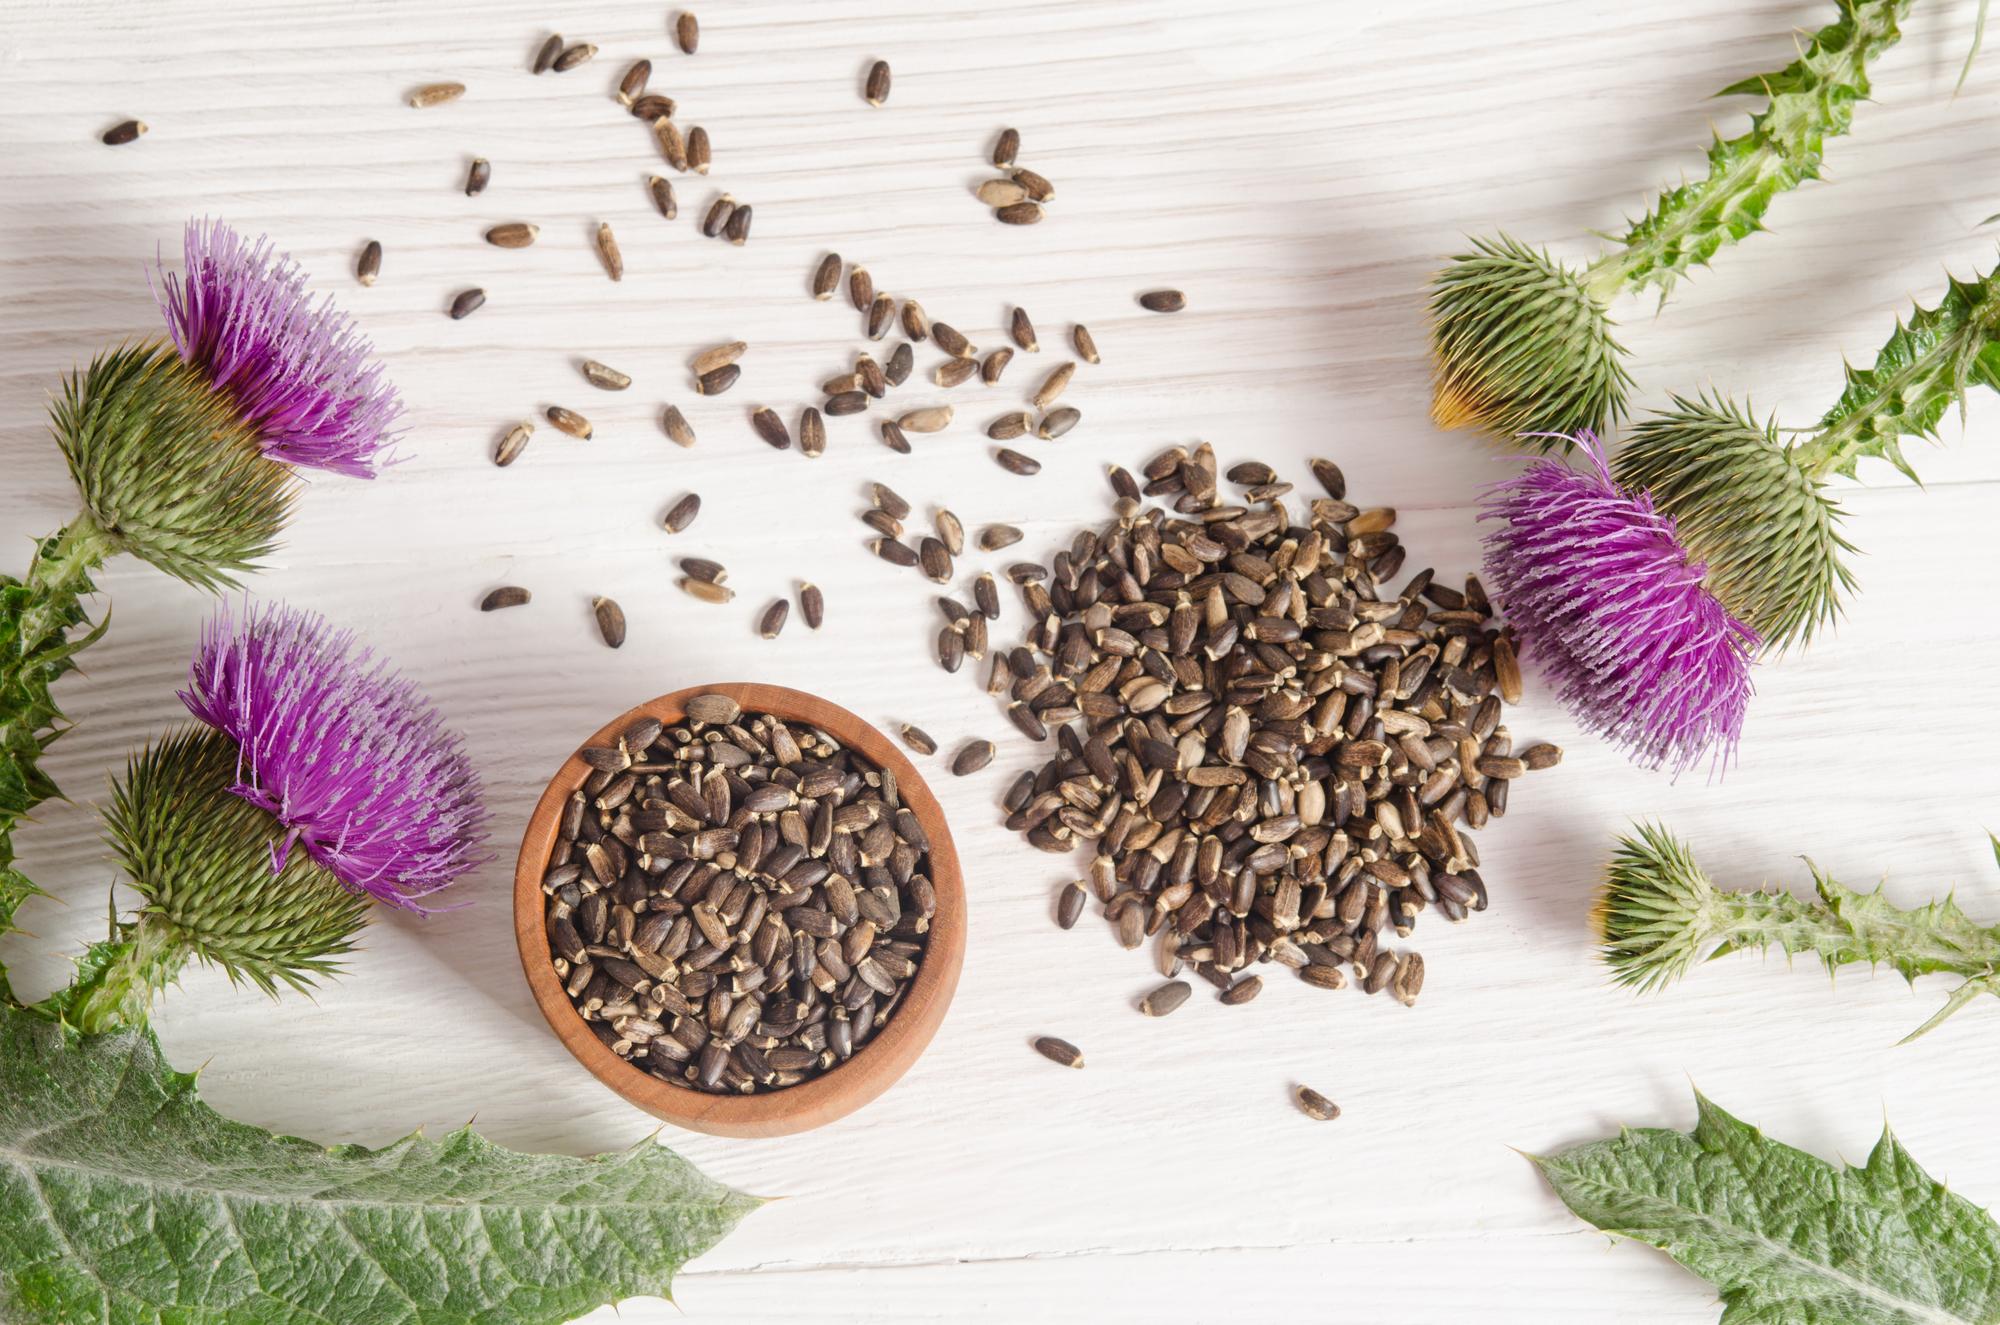 Mariendistel: 6 Wirkungen & 2 Verwendungen der wirkungsvollen Heilpflanze